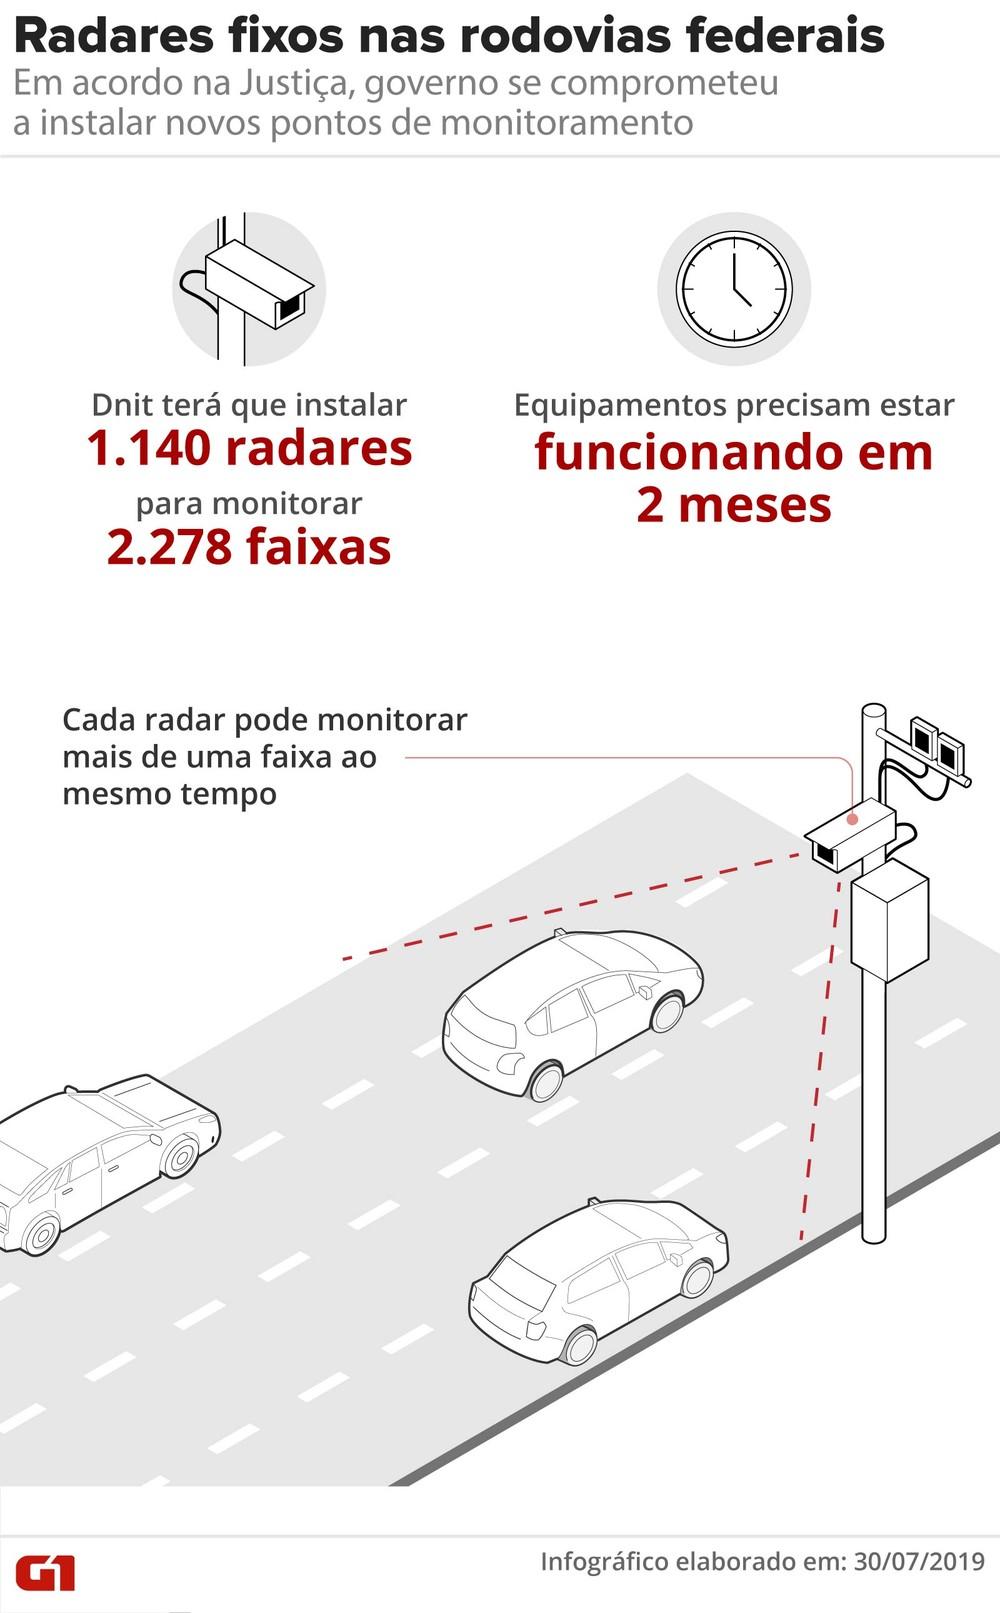 Governo determina suspensão do uso de radares móveis em rodovias federais Radare11